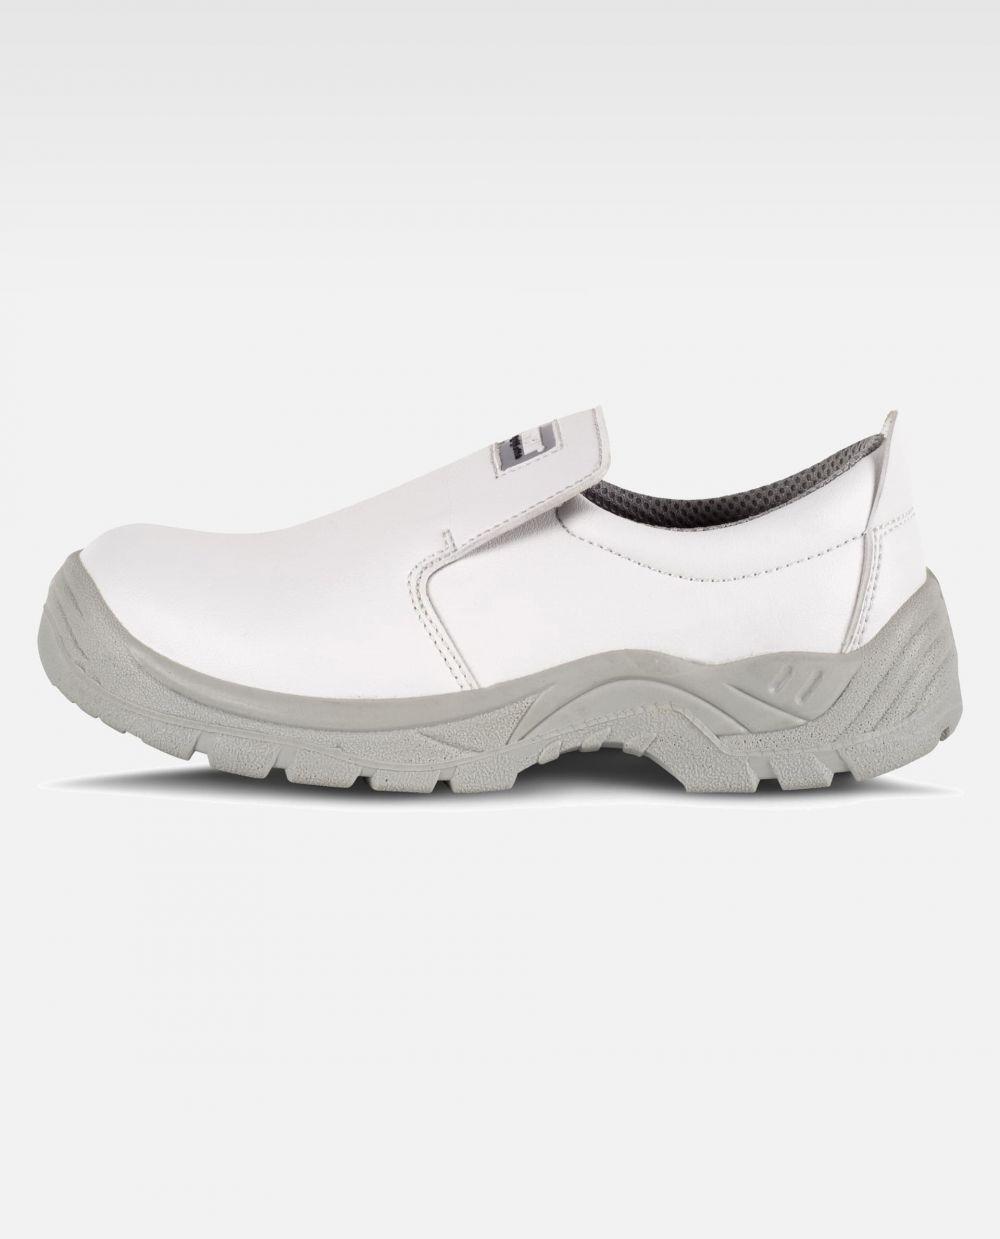 Zapatos de trabajo workteam zapato p1402 de microfibra para personalizar vista 1